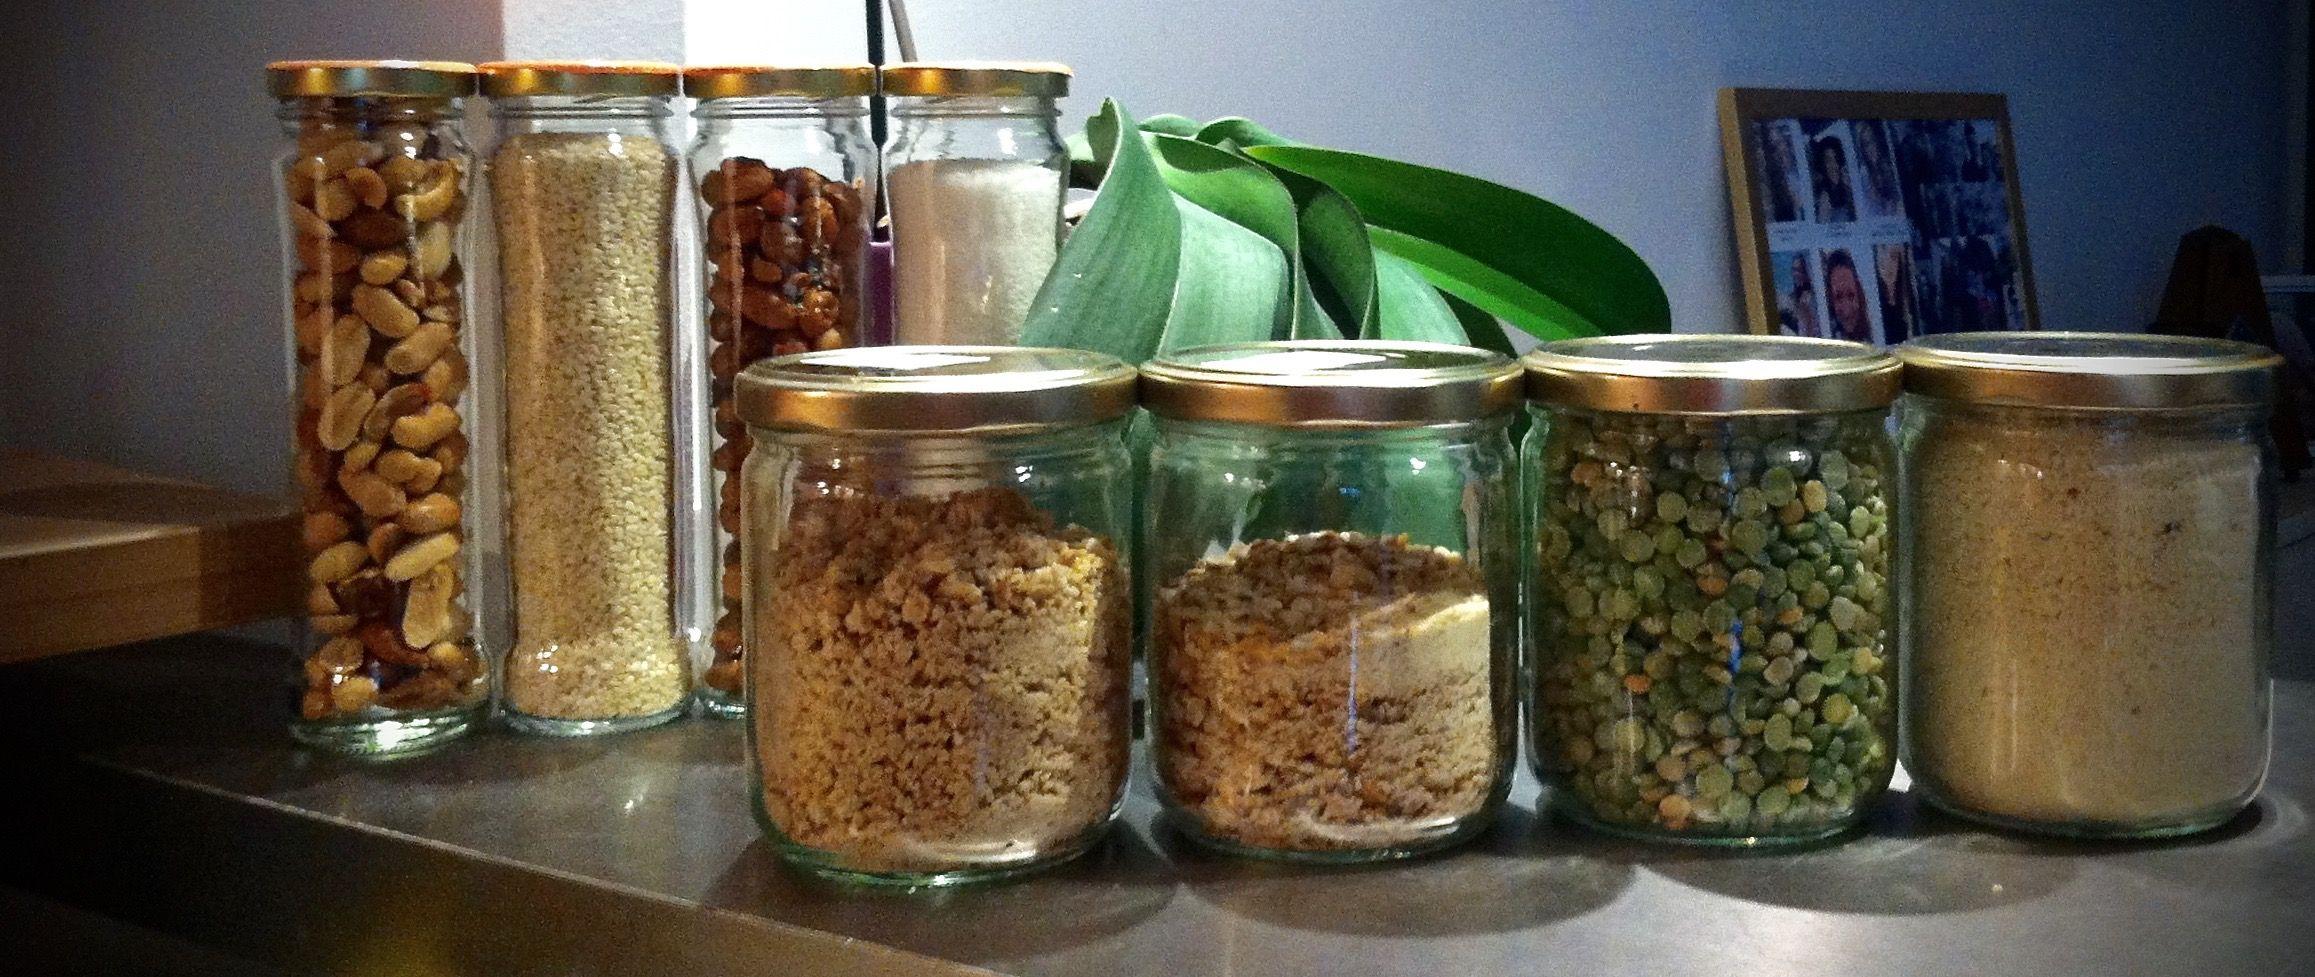 Disposición - Prática Arrangement- Convenient Rangement - Pratique Bocaux transformés - DIY Cuisine